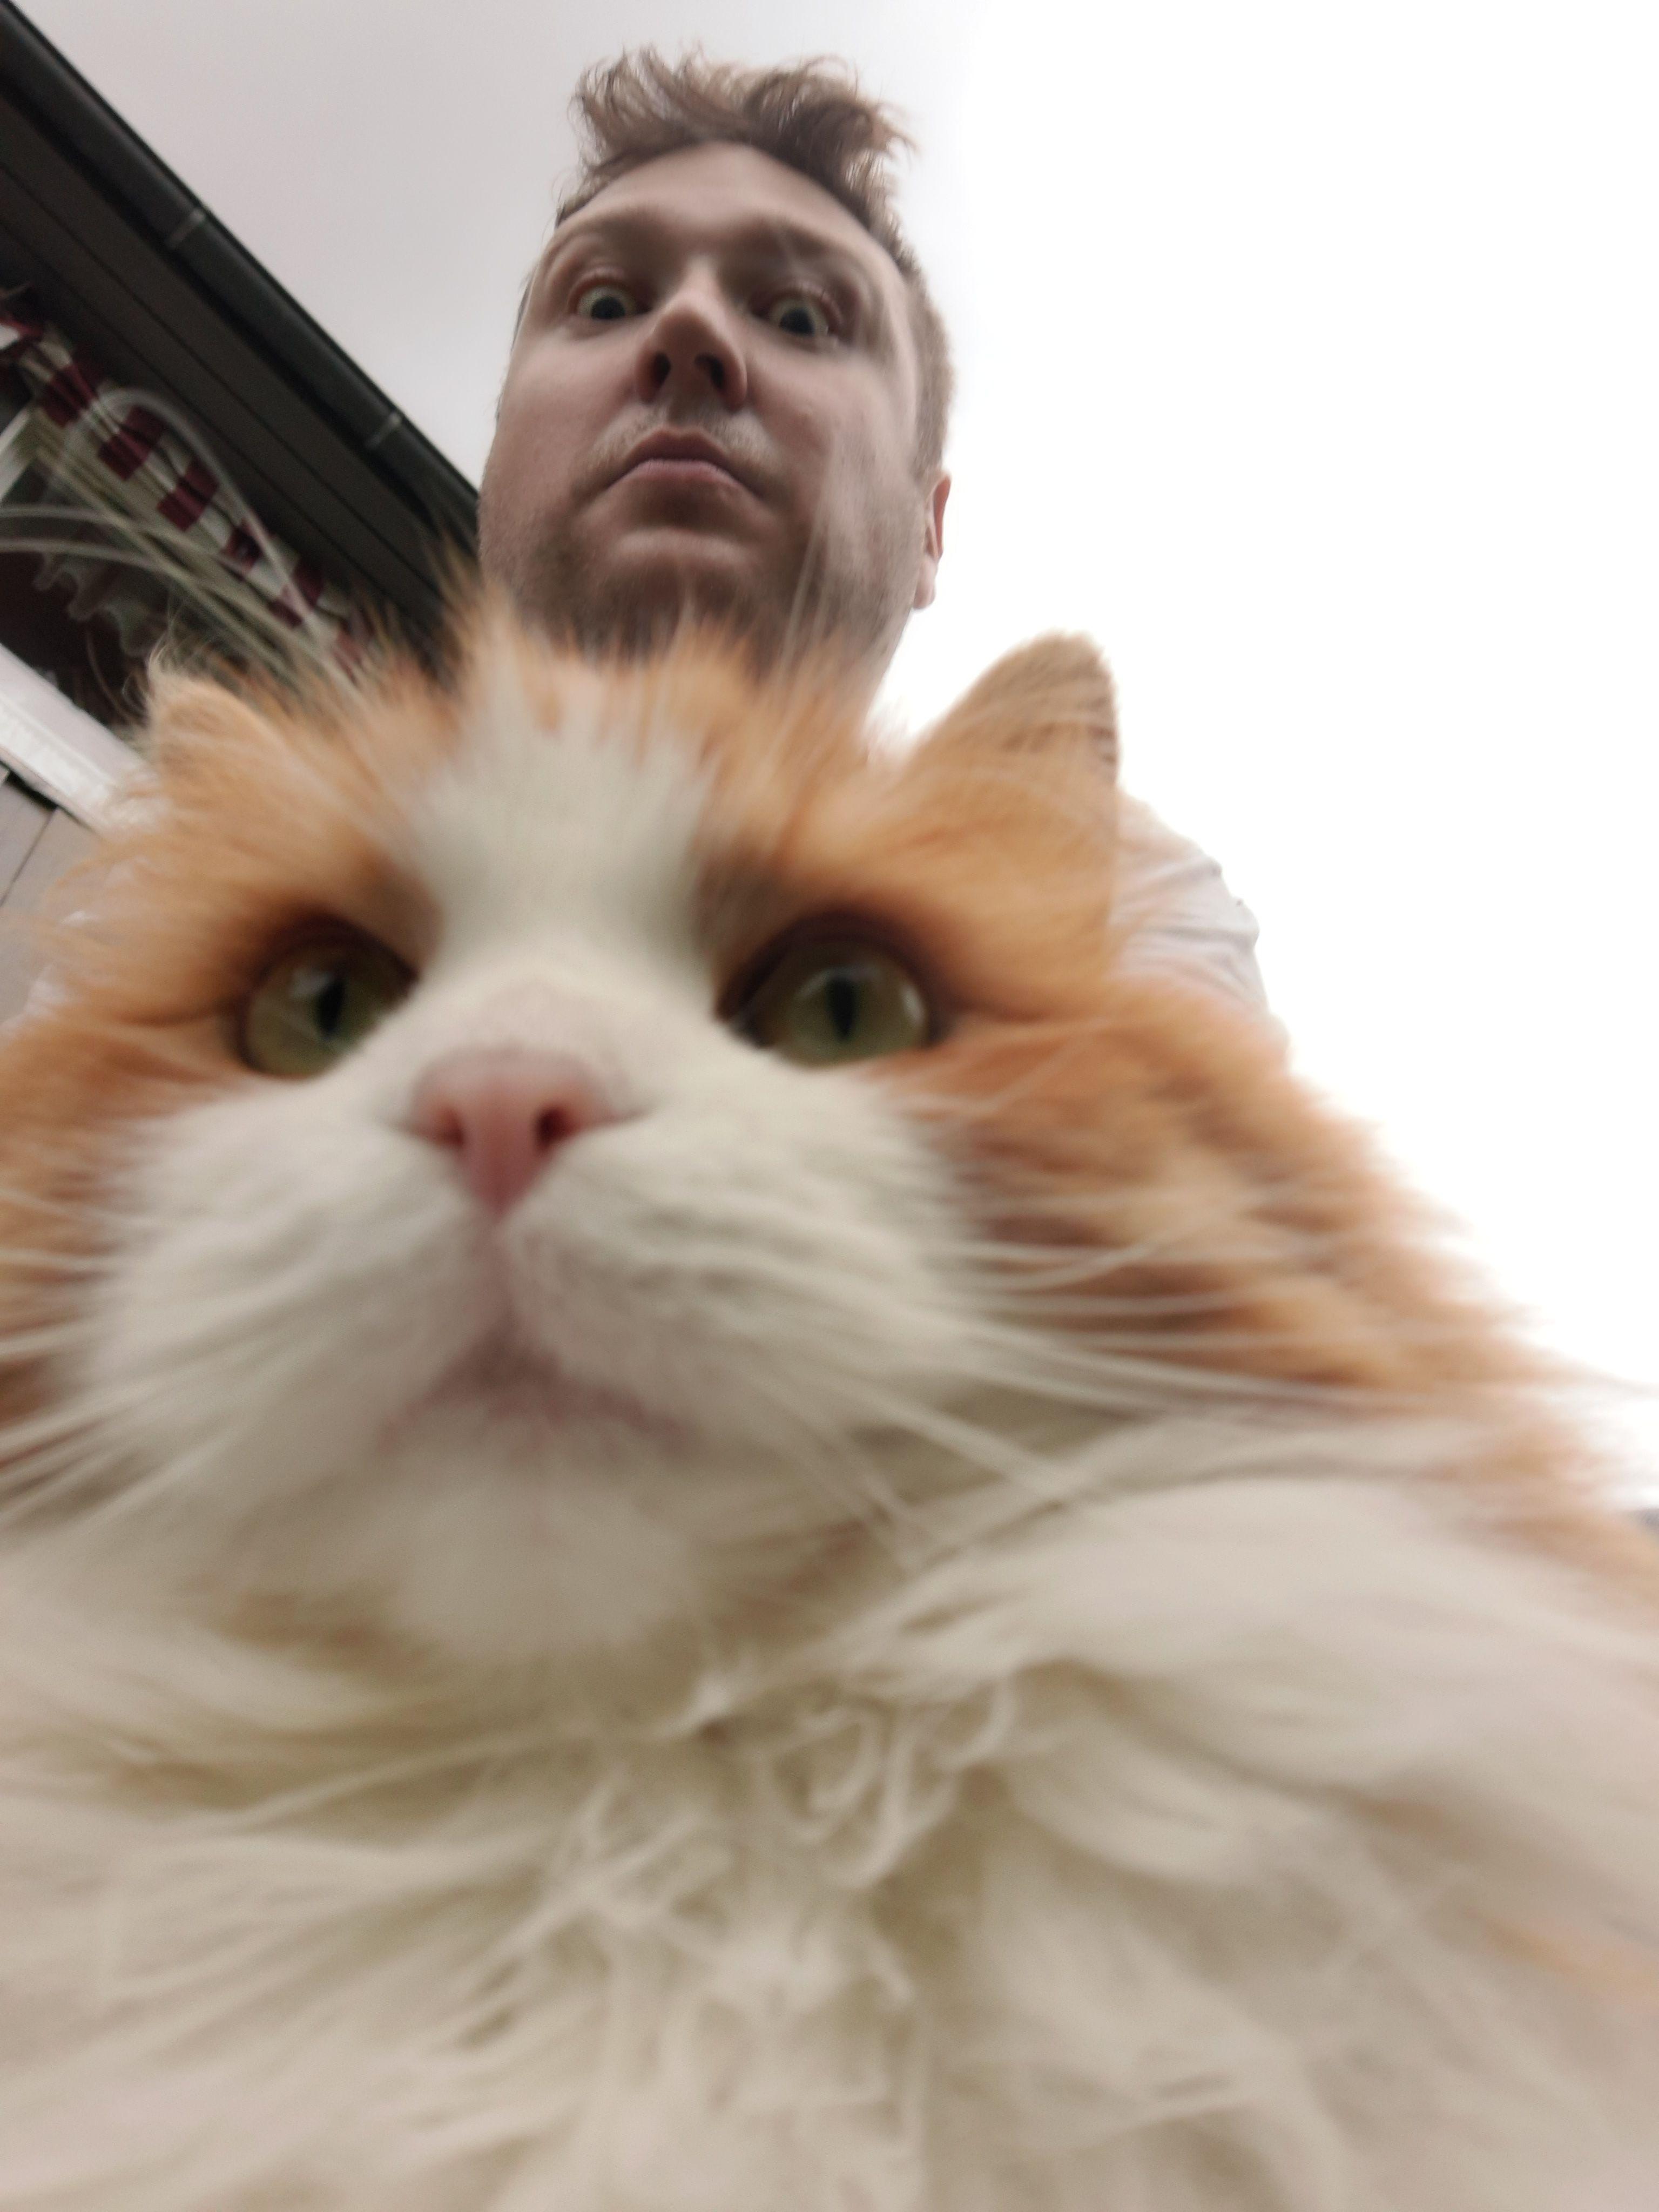 Jepp, den har selfie-kamera også.